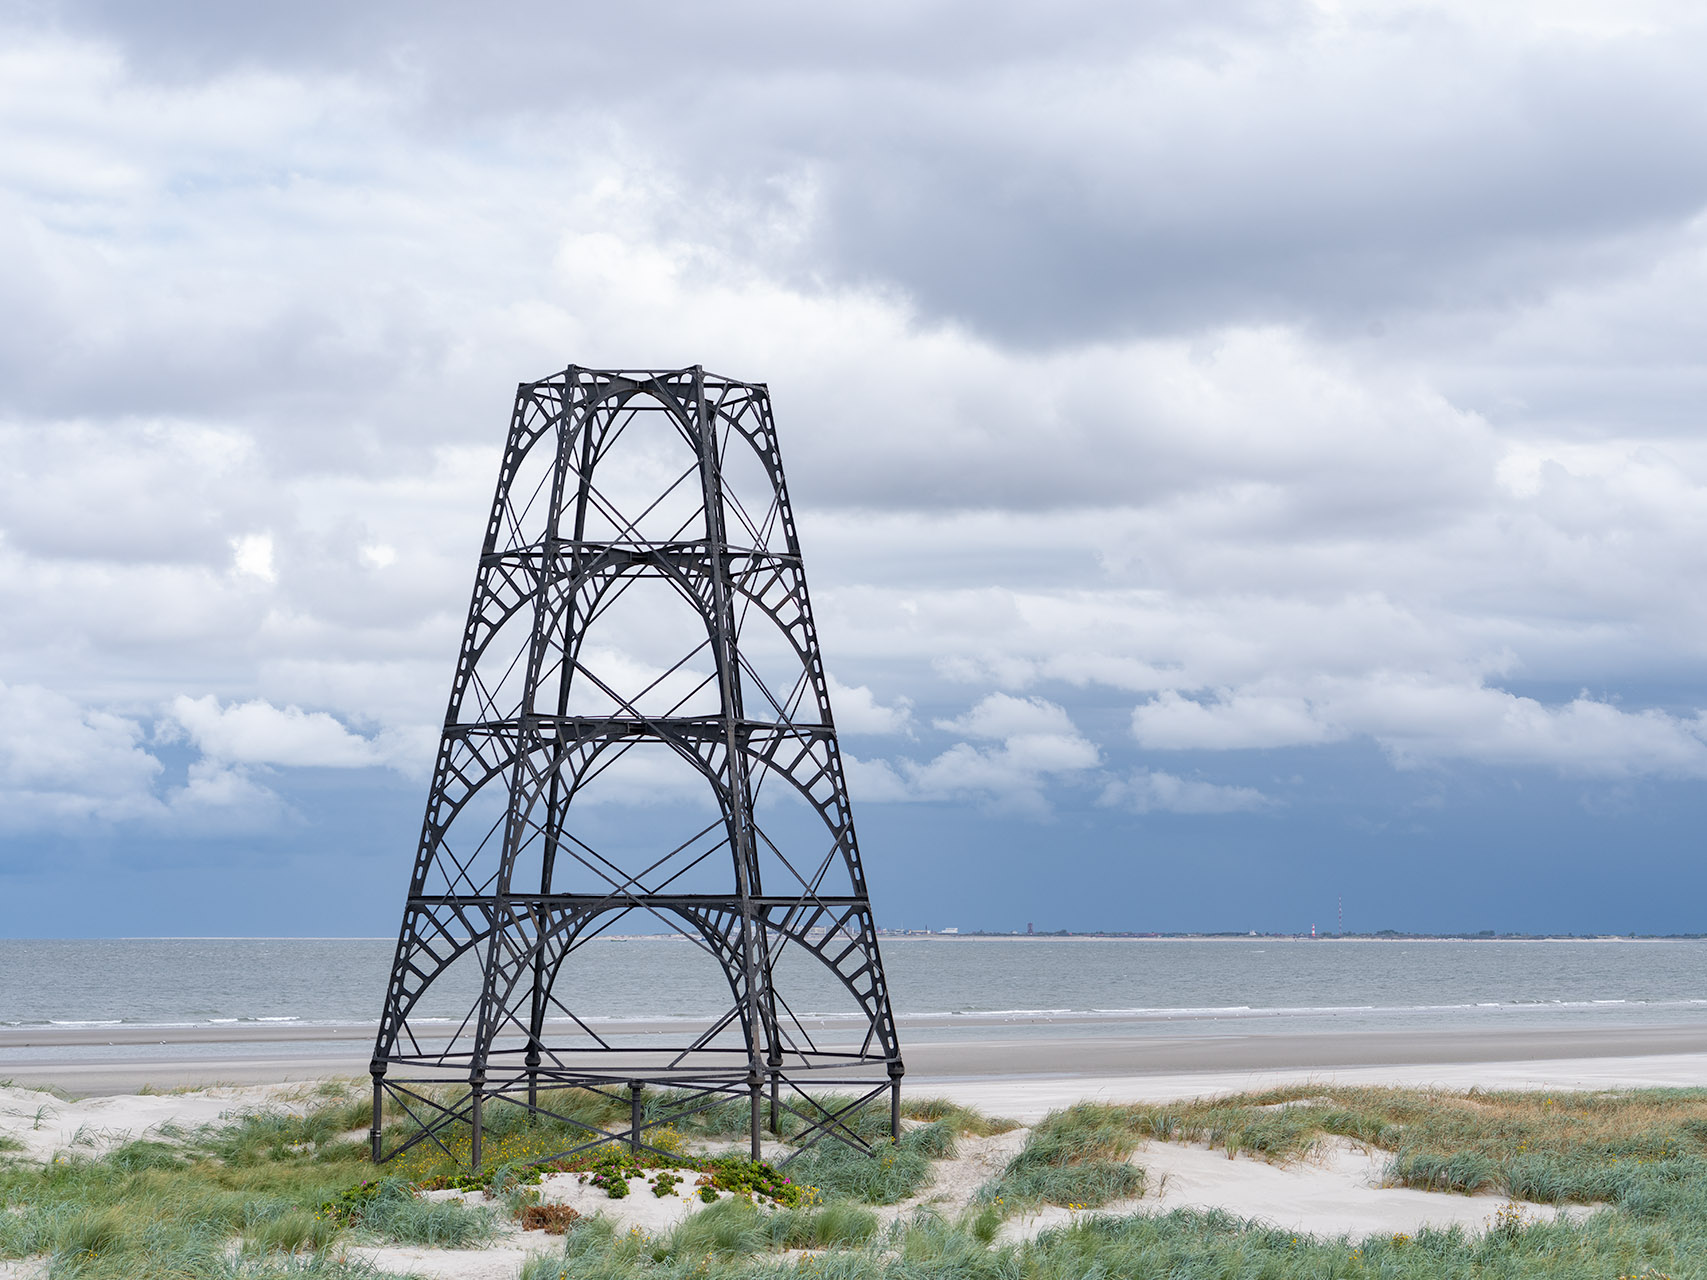 De Emder Kaap is een markante stalen constructie en herkenningspunt voor de scheepvaart die langs Rottumeroog varen. Op de achtergrond is het Duitse Waddeneiland Borkum te zien.